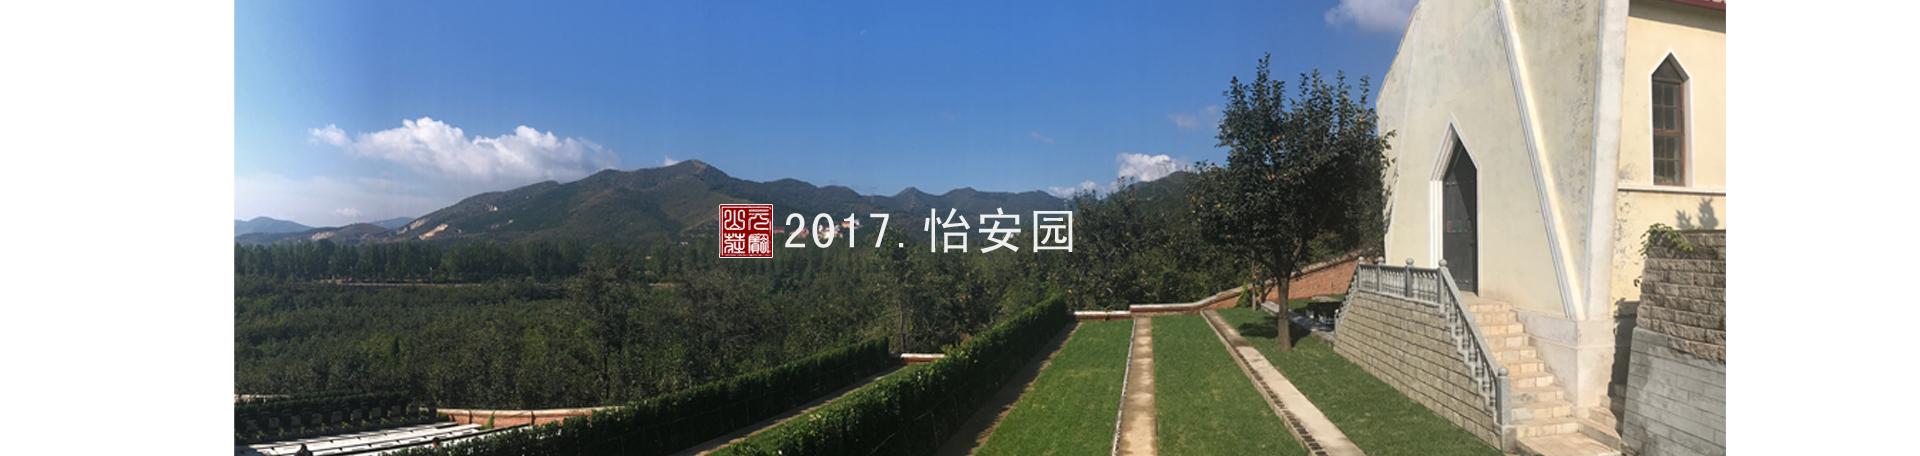 2017.怡安园